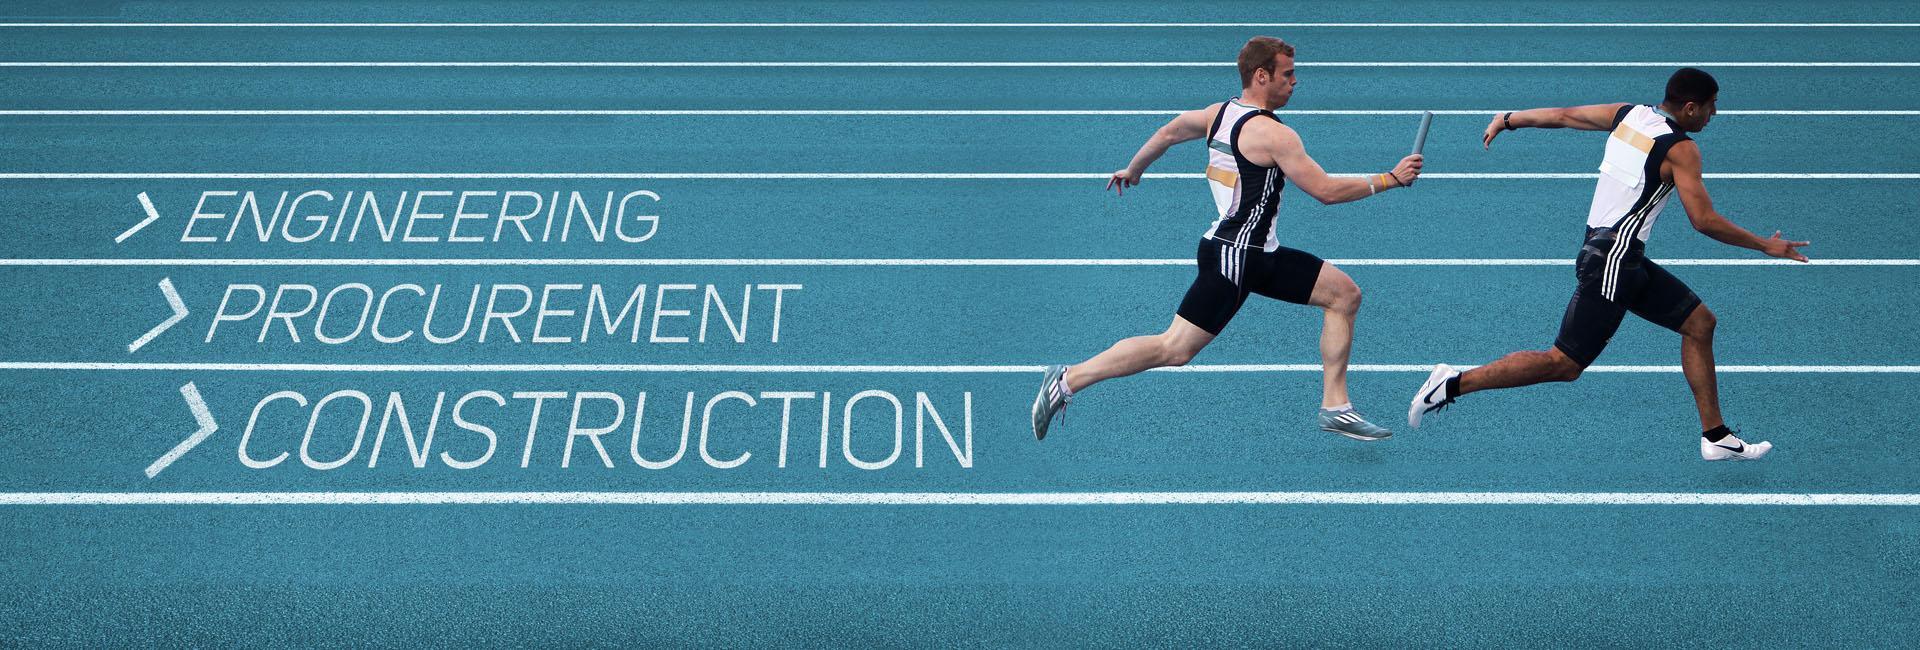 En stafettløper gir fra seg pinnen til nestemann. Teksten «> Engineering >Procurement > Construction» står skrevet i hver sin løpsbane